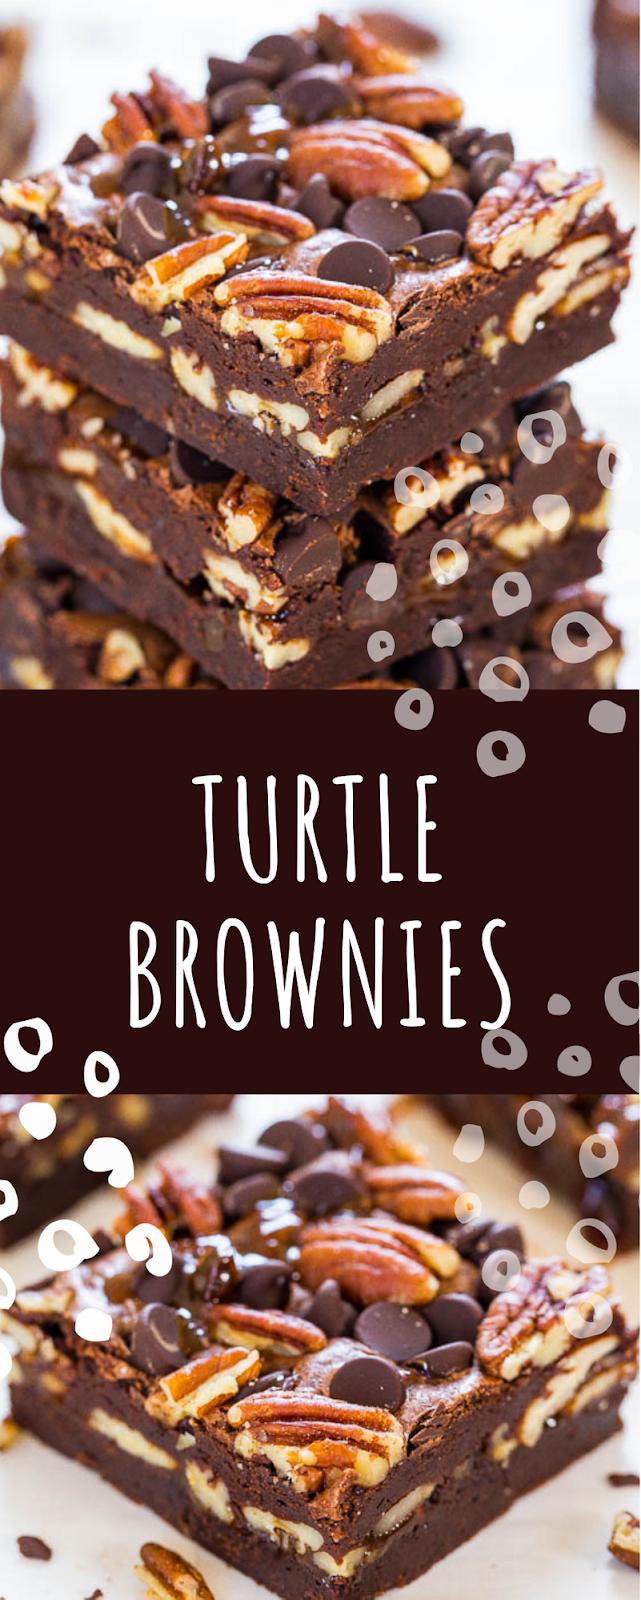 Turtle Brownies - Inggrid Recipes #turtlebrownies Turtle Brownies - Inggrid Recipes #turtlebrownies Turtle Brownies - Inggrid Recipes #turtlebrownies Turtle Brownies - Inggrid Recipes